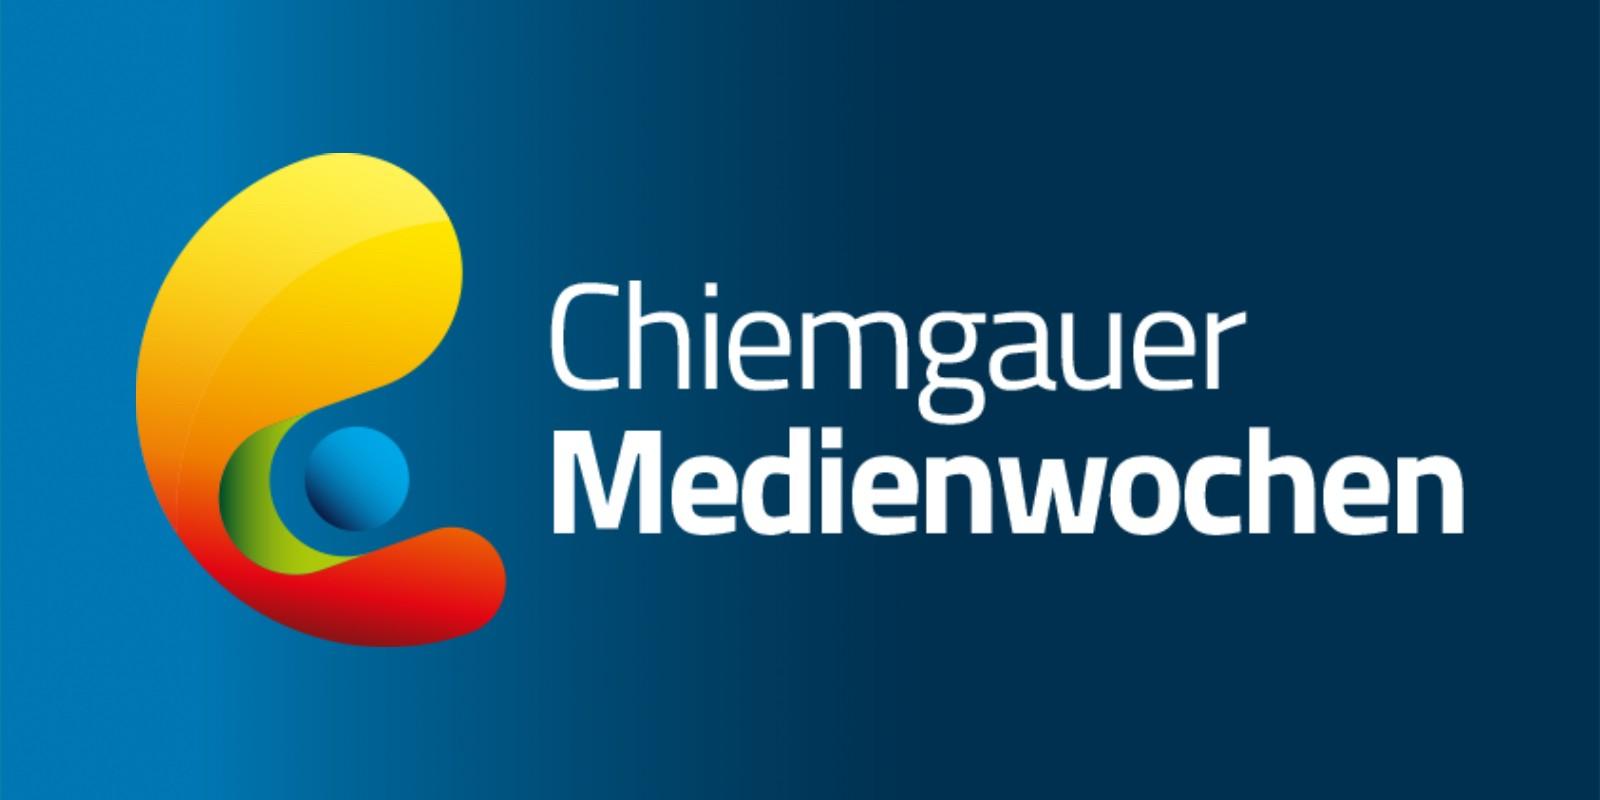 Chiemgauer Medienwochen 2021